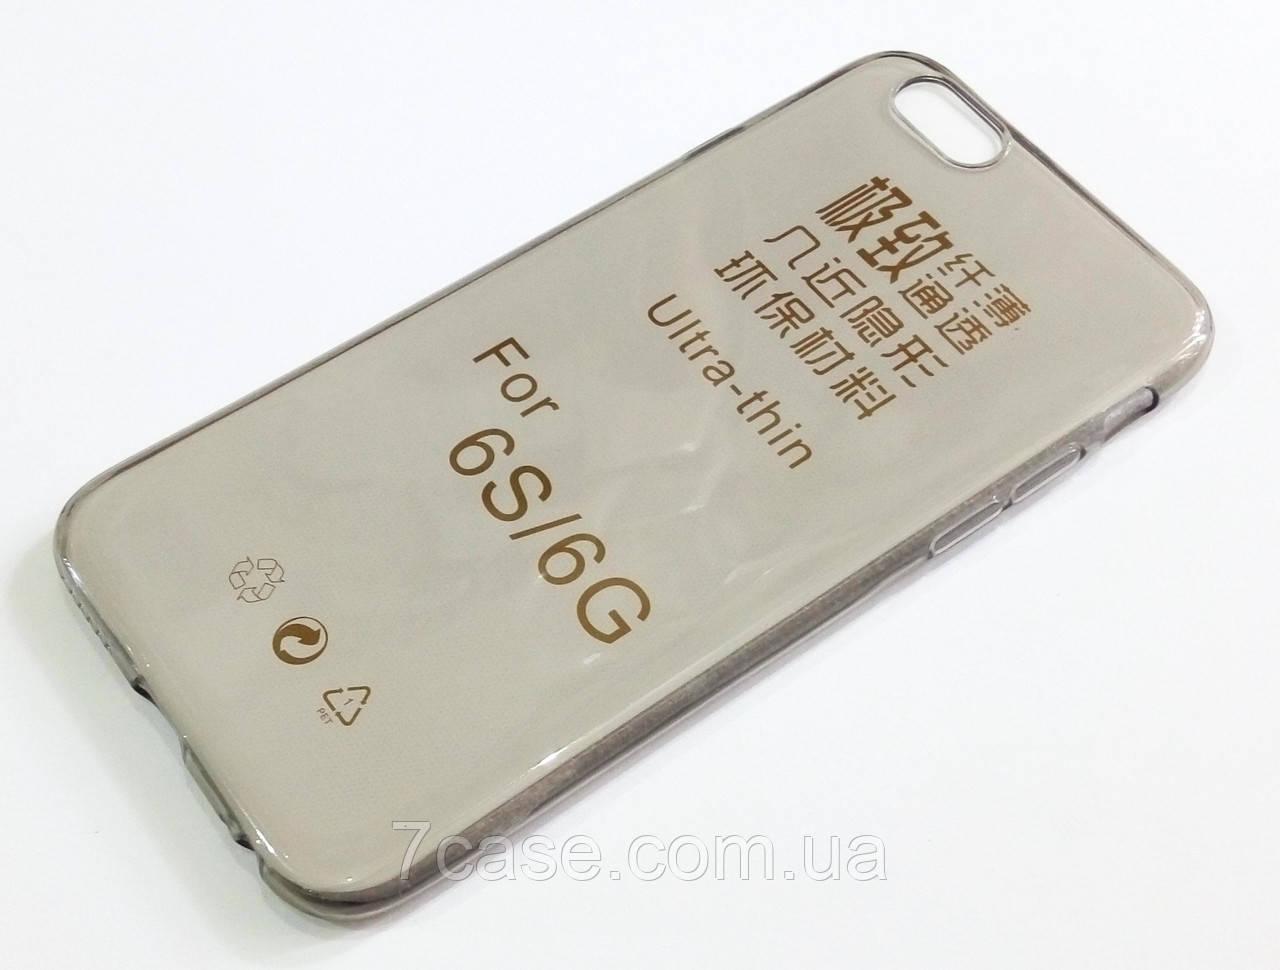 Чехол для iPhone 6 / 6s силиконовый прозрачный ультратонкий затемненный